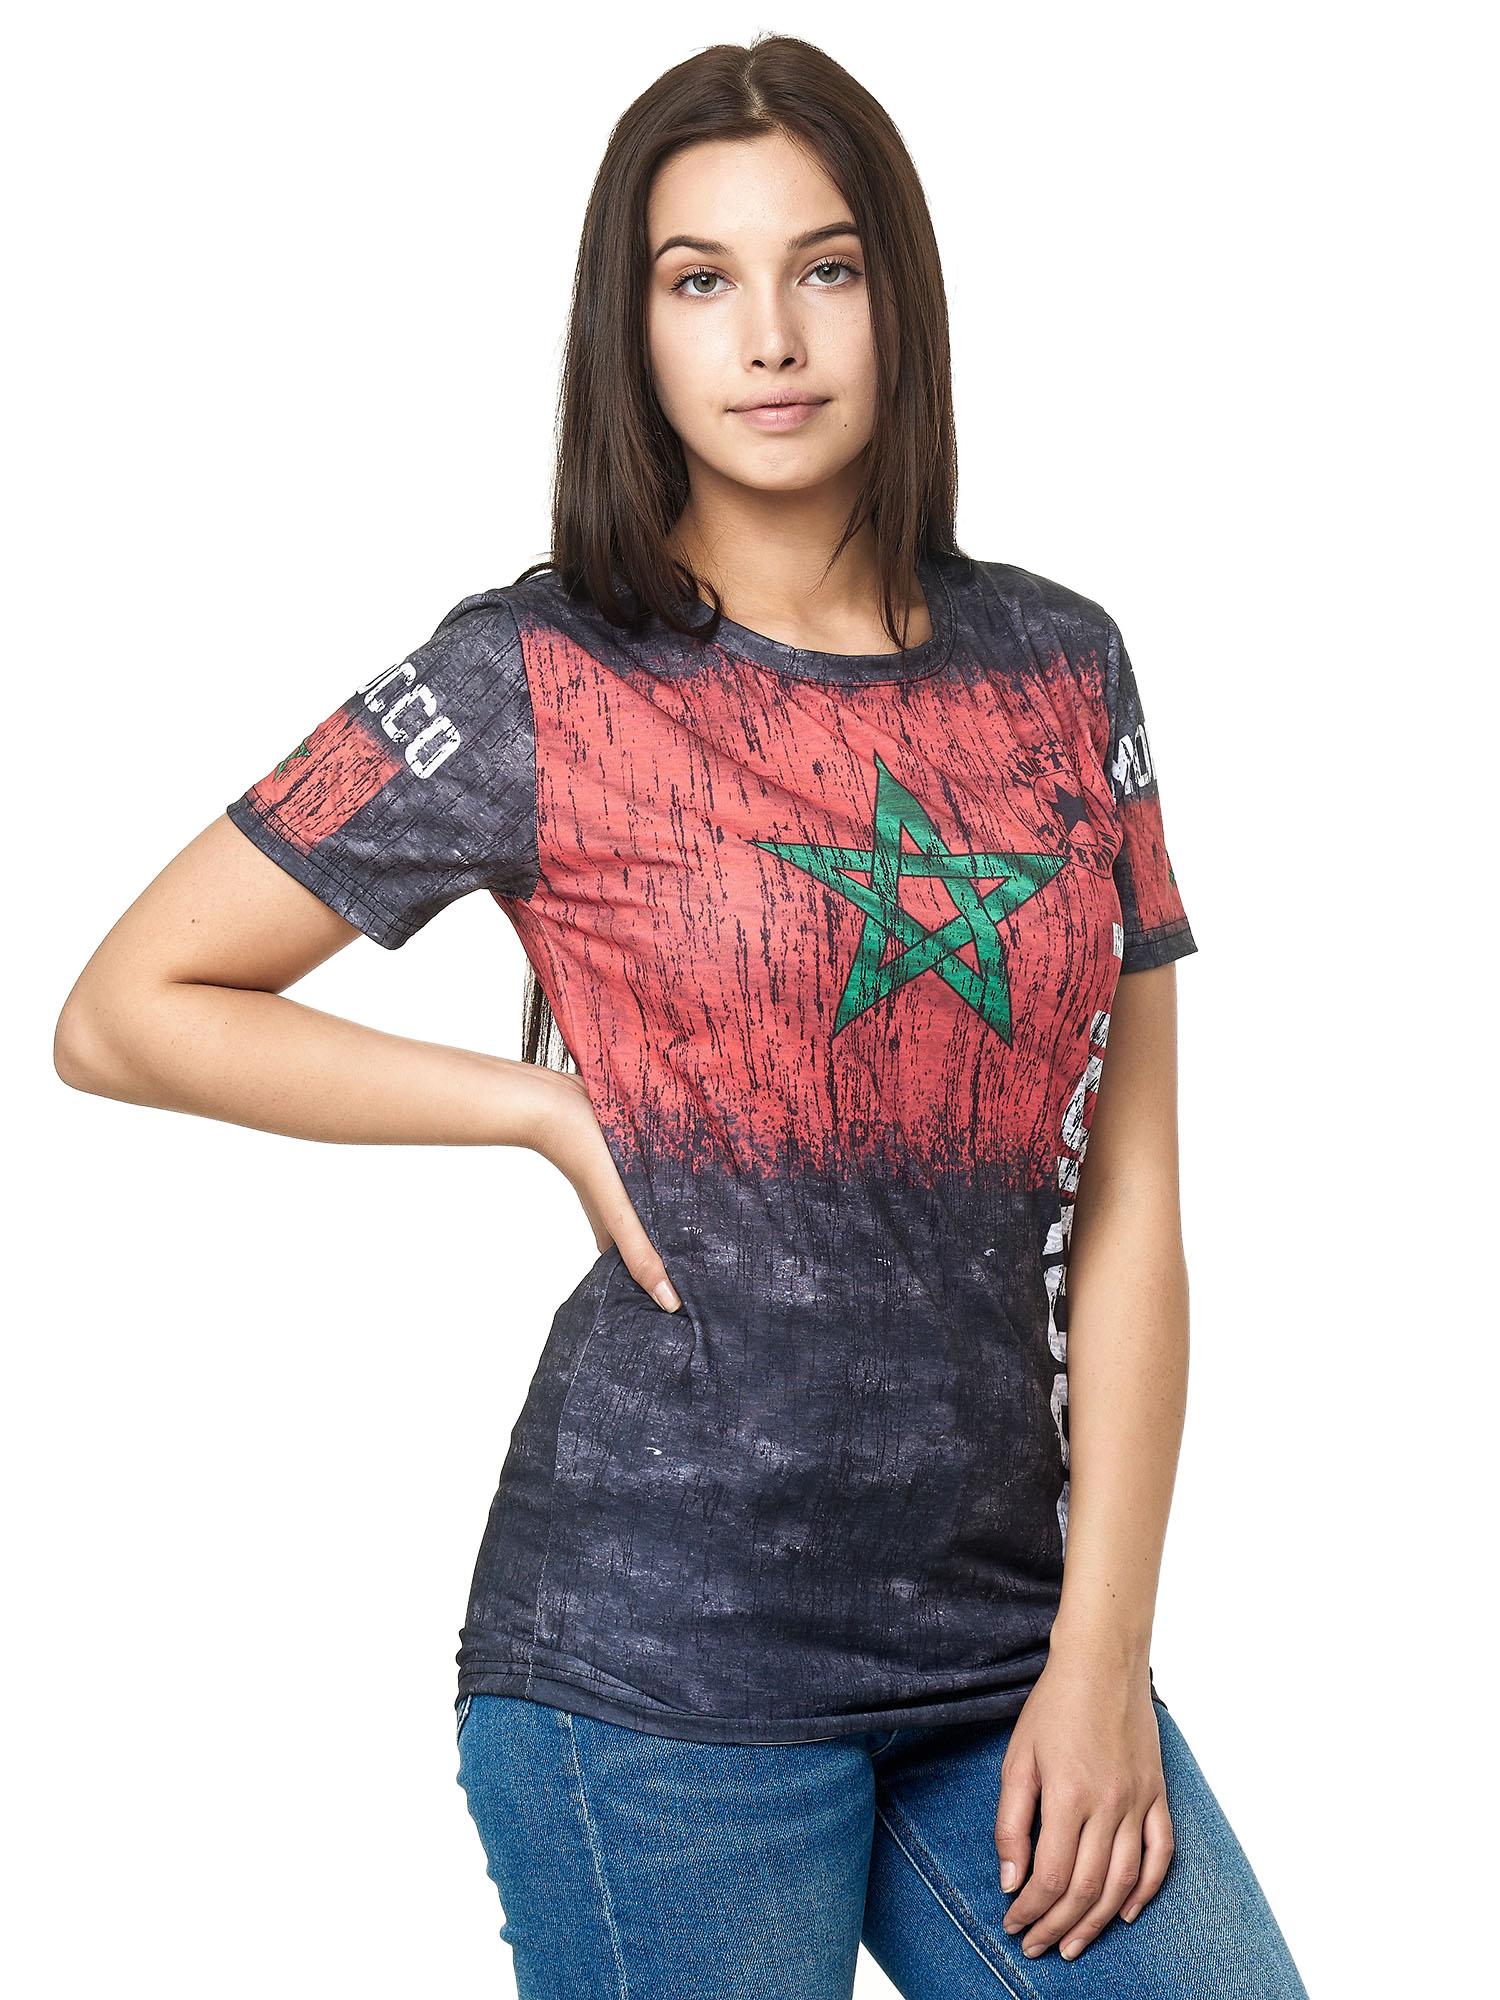 Paesi-da-Donna-T-shirt-A-Maniche-Corte-Girocollo-donne-CALCIO-Fanshirt-John-Kayna miniatura 24